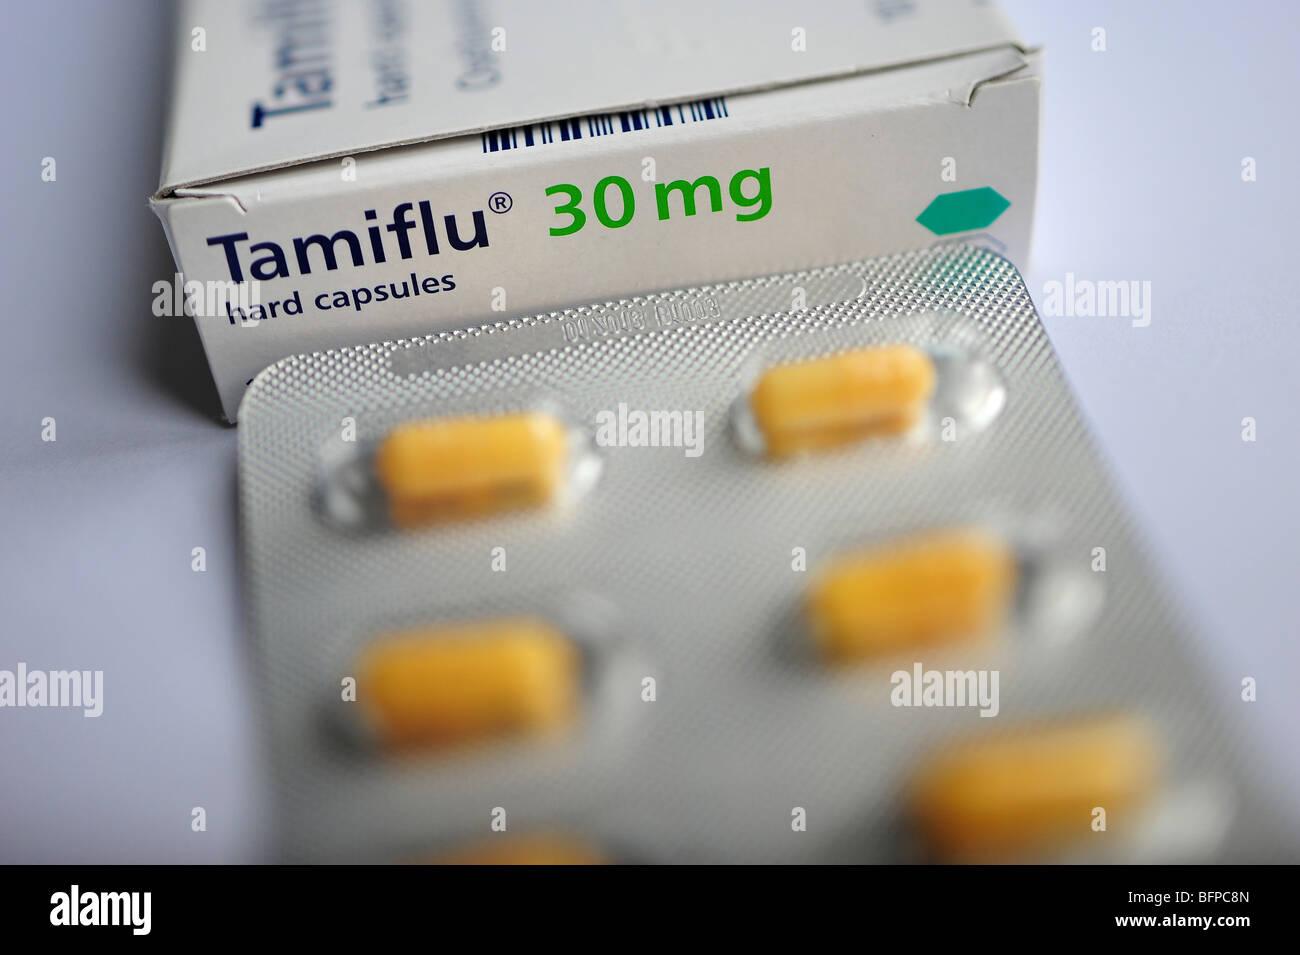 Tamiflu capsule tablets, the drug used to treat swine flu Stock